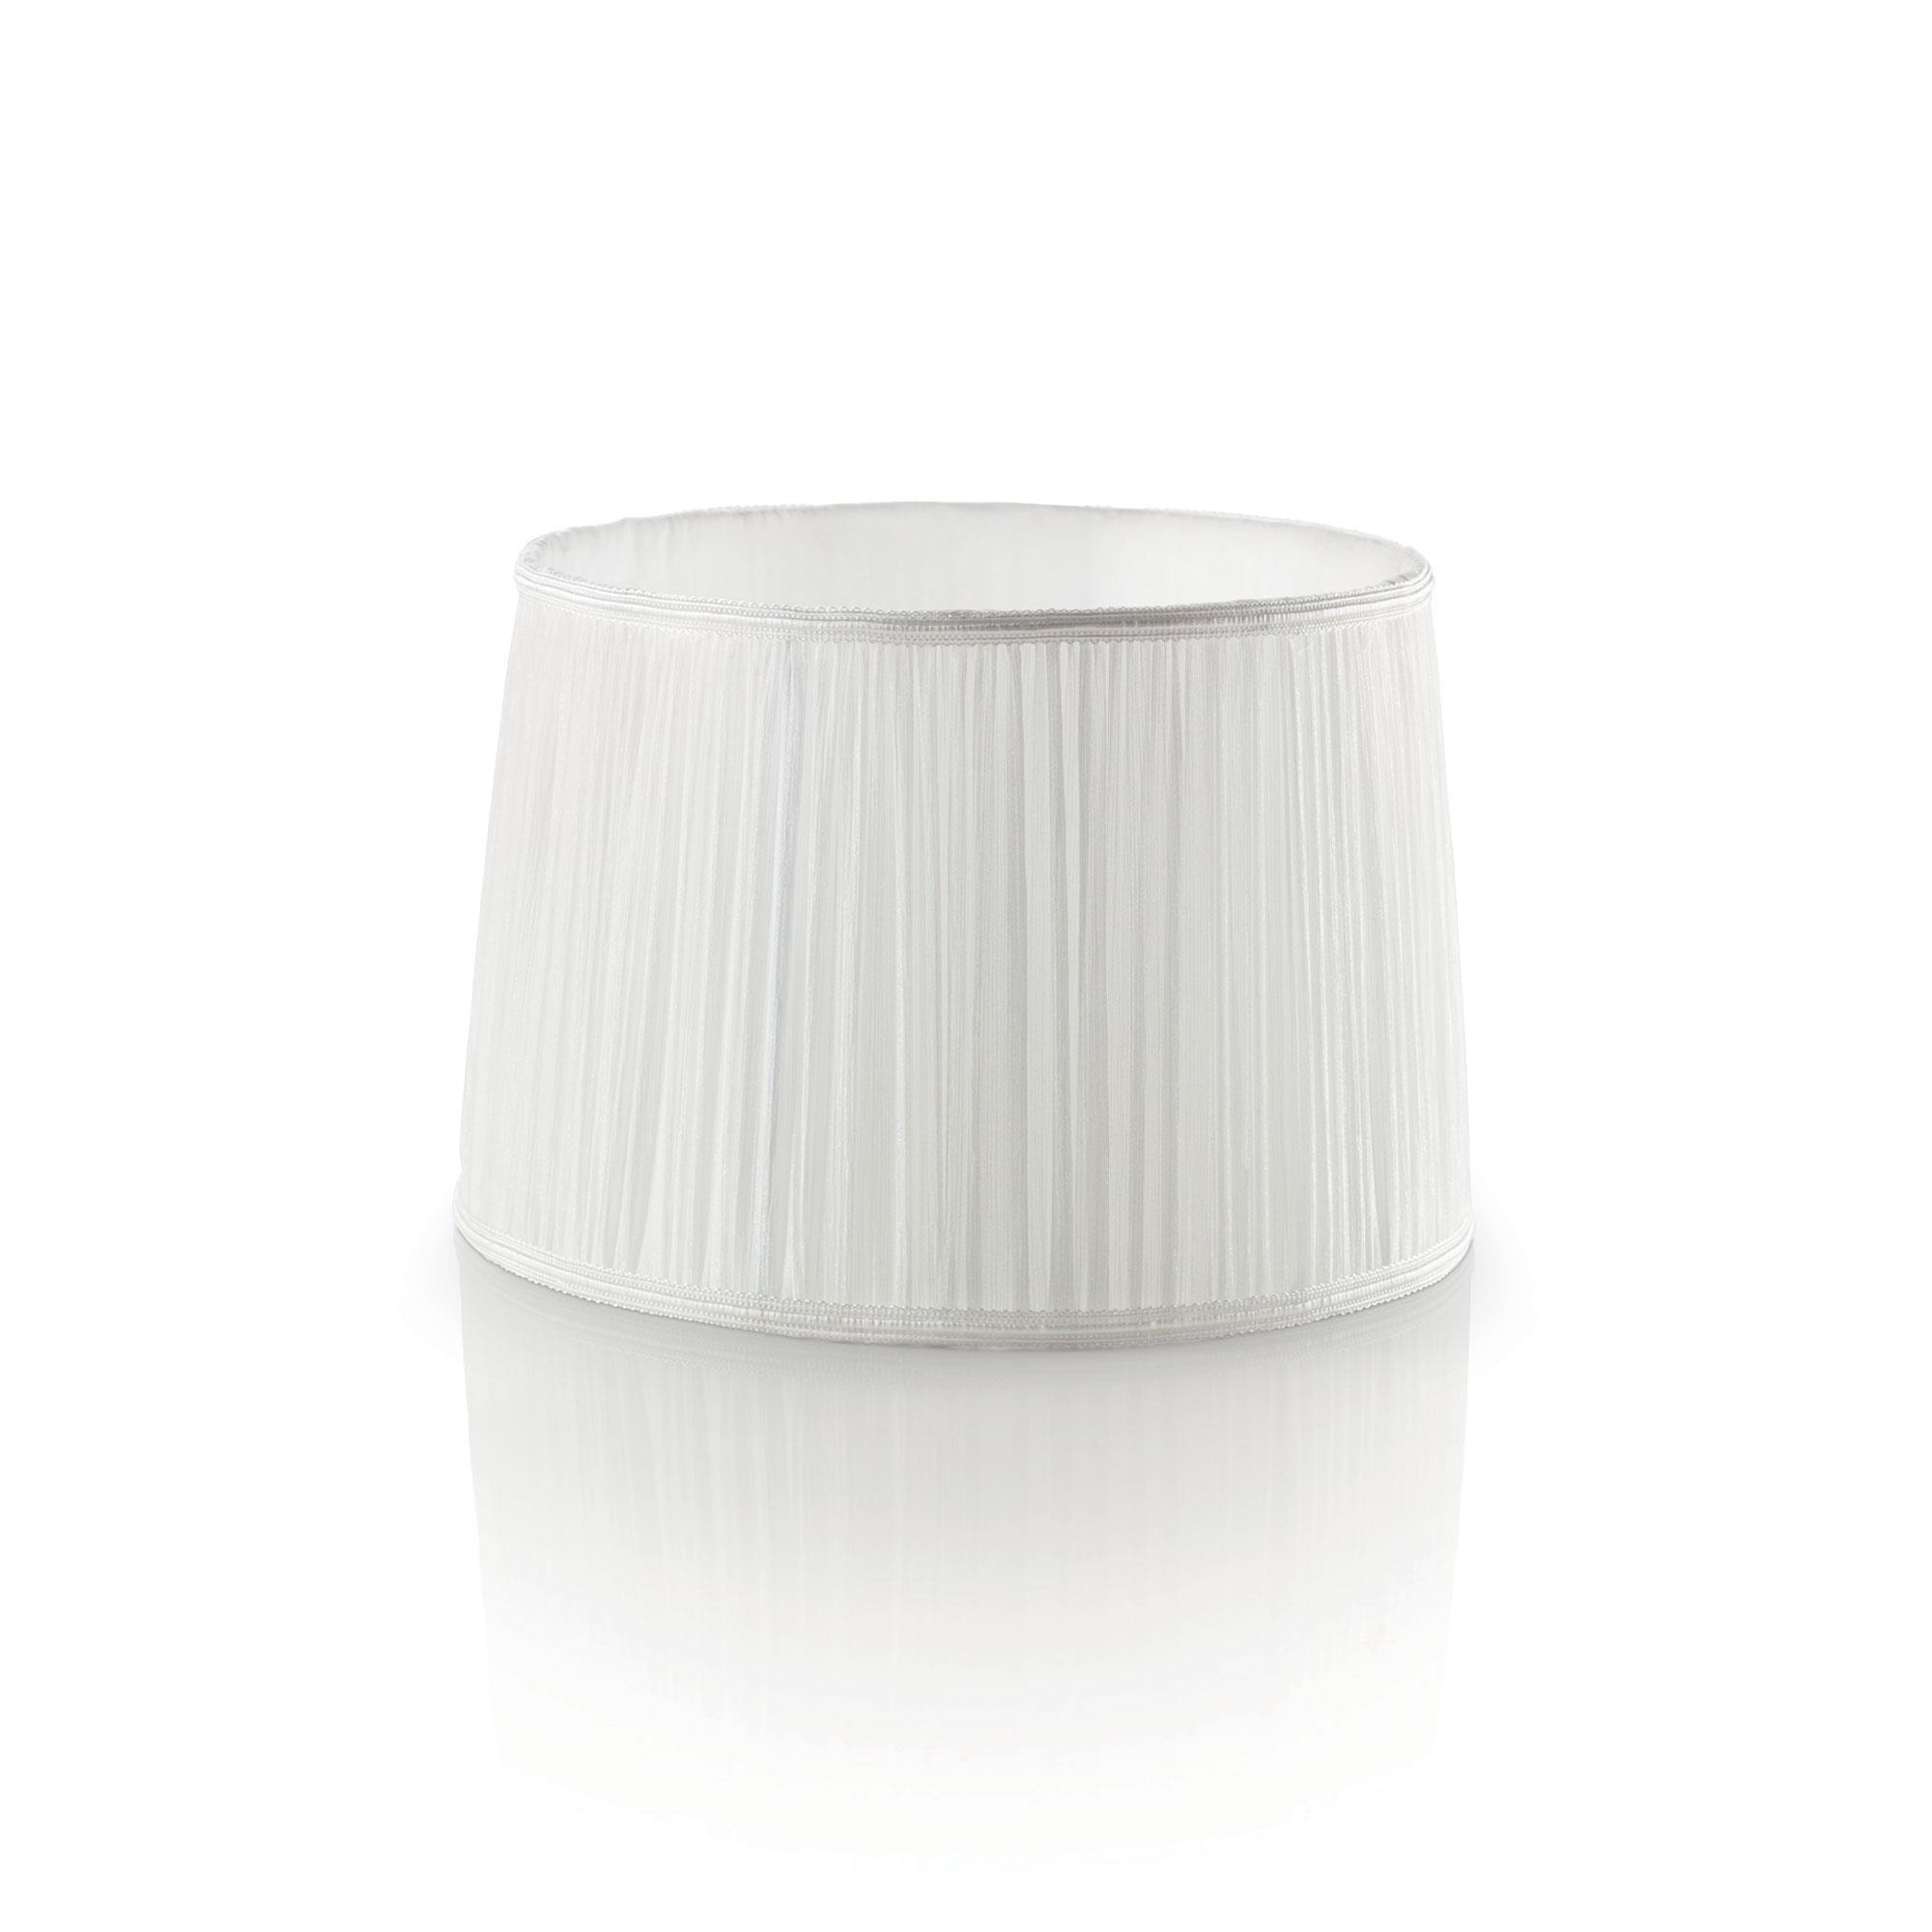 Ideal Lux 122878 Kate-3 TL1 Round asztali lámpa